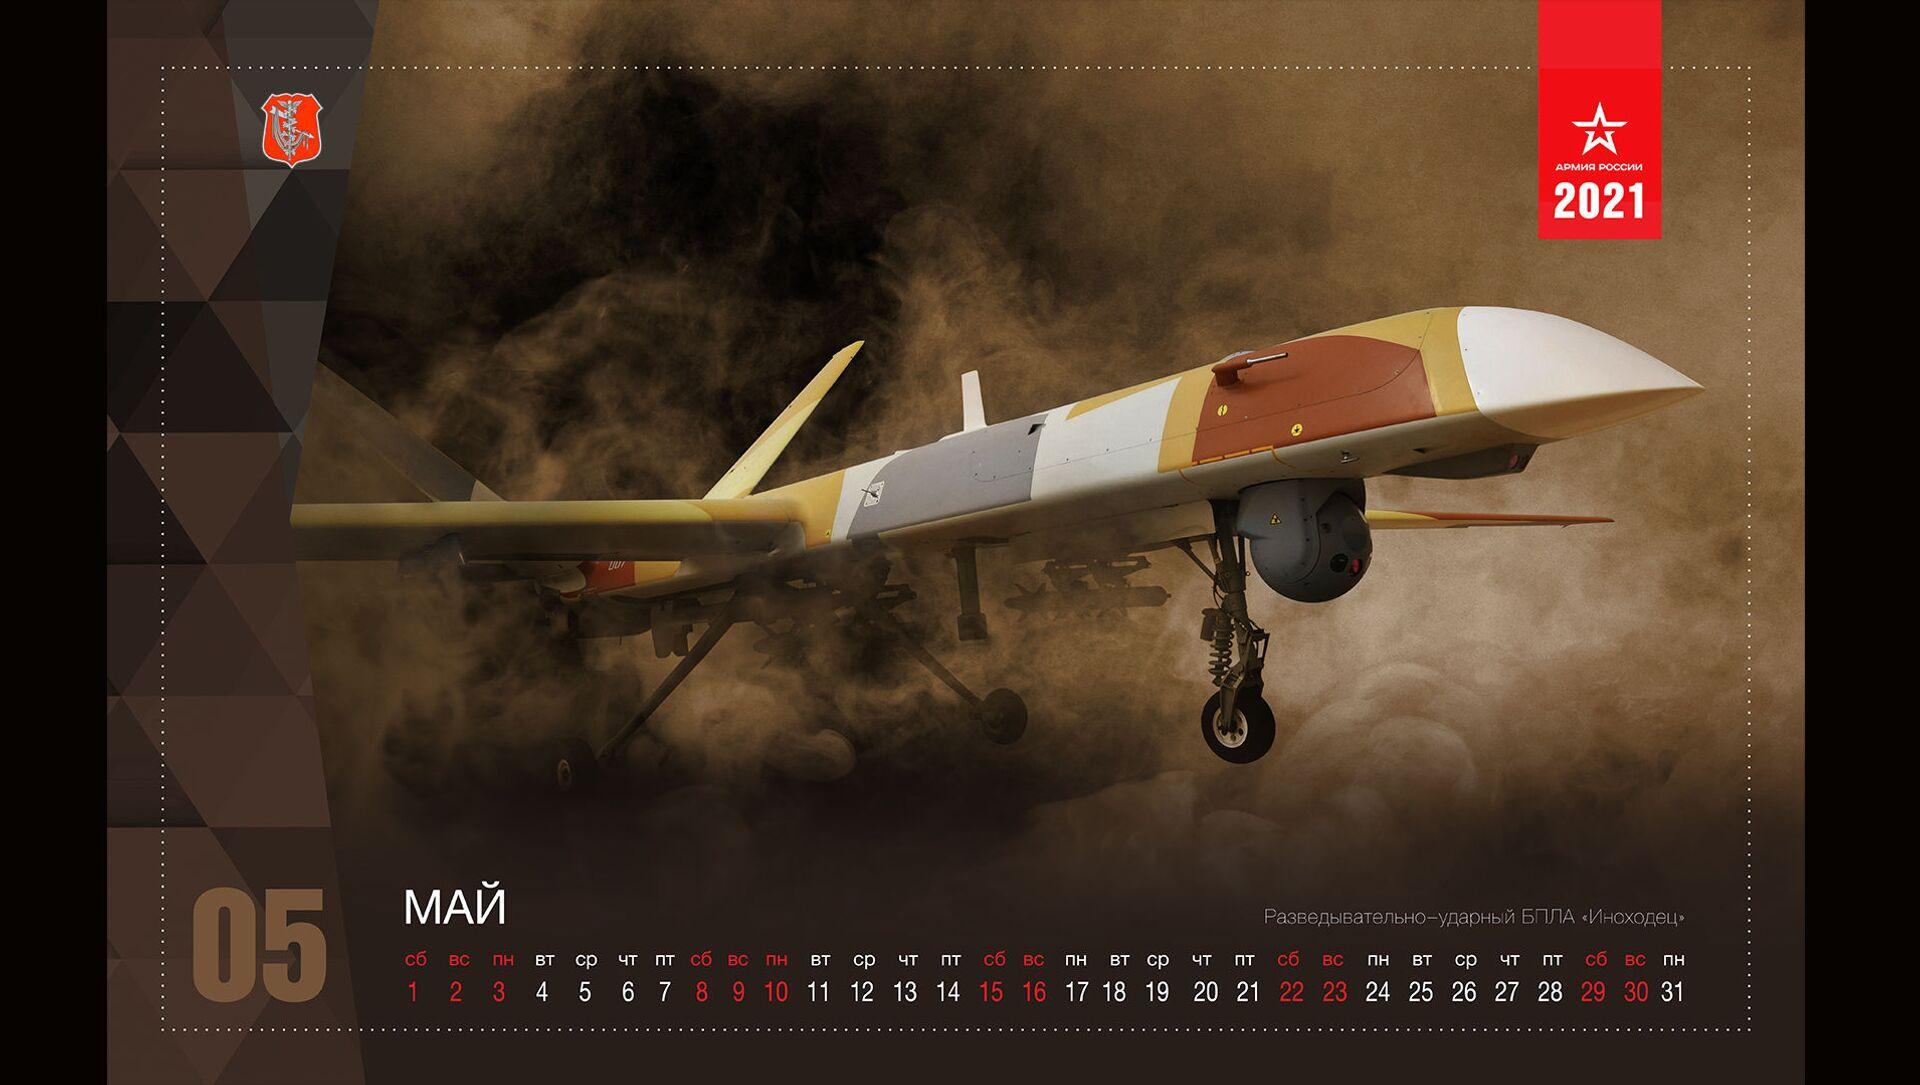 Dron Inochoděc v útočné variantě v kalendáře na rok 2021 ruského ministerstva obrany - Sputnik Česká republika, 1920, 04.04.2021